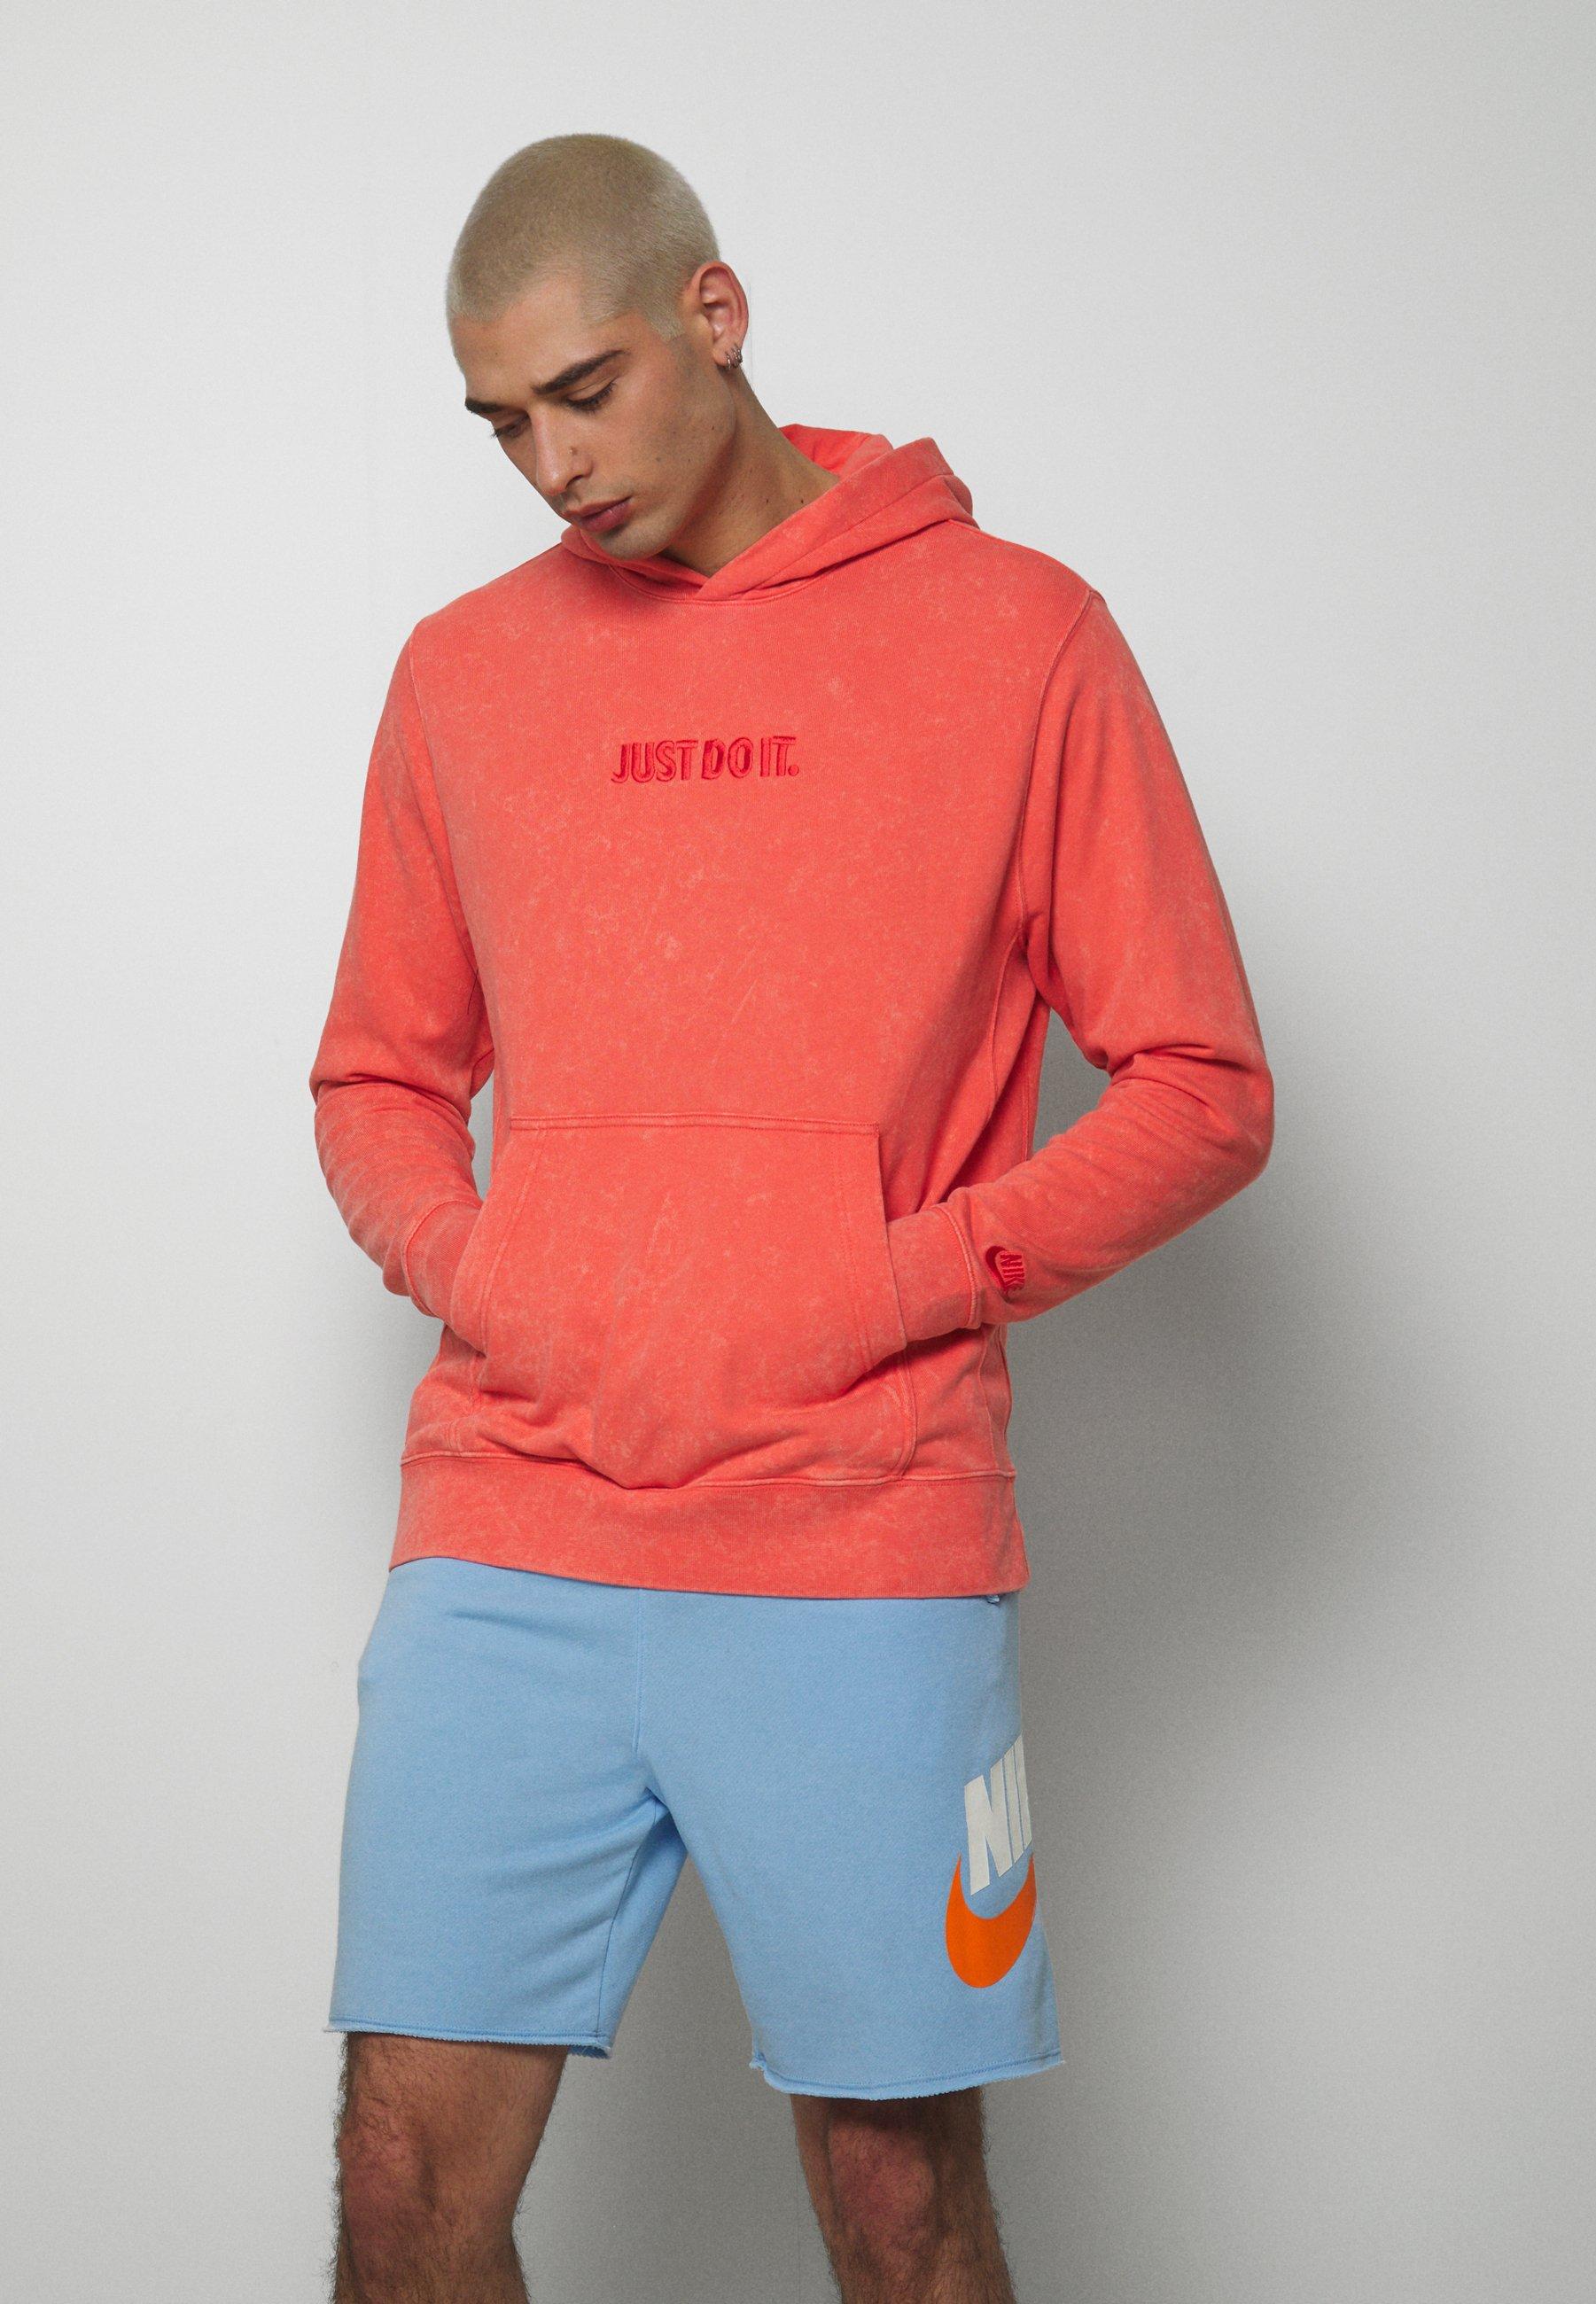 Sudaderas Nike de hombre   Comprar colección online en Zalando